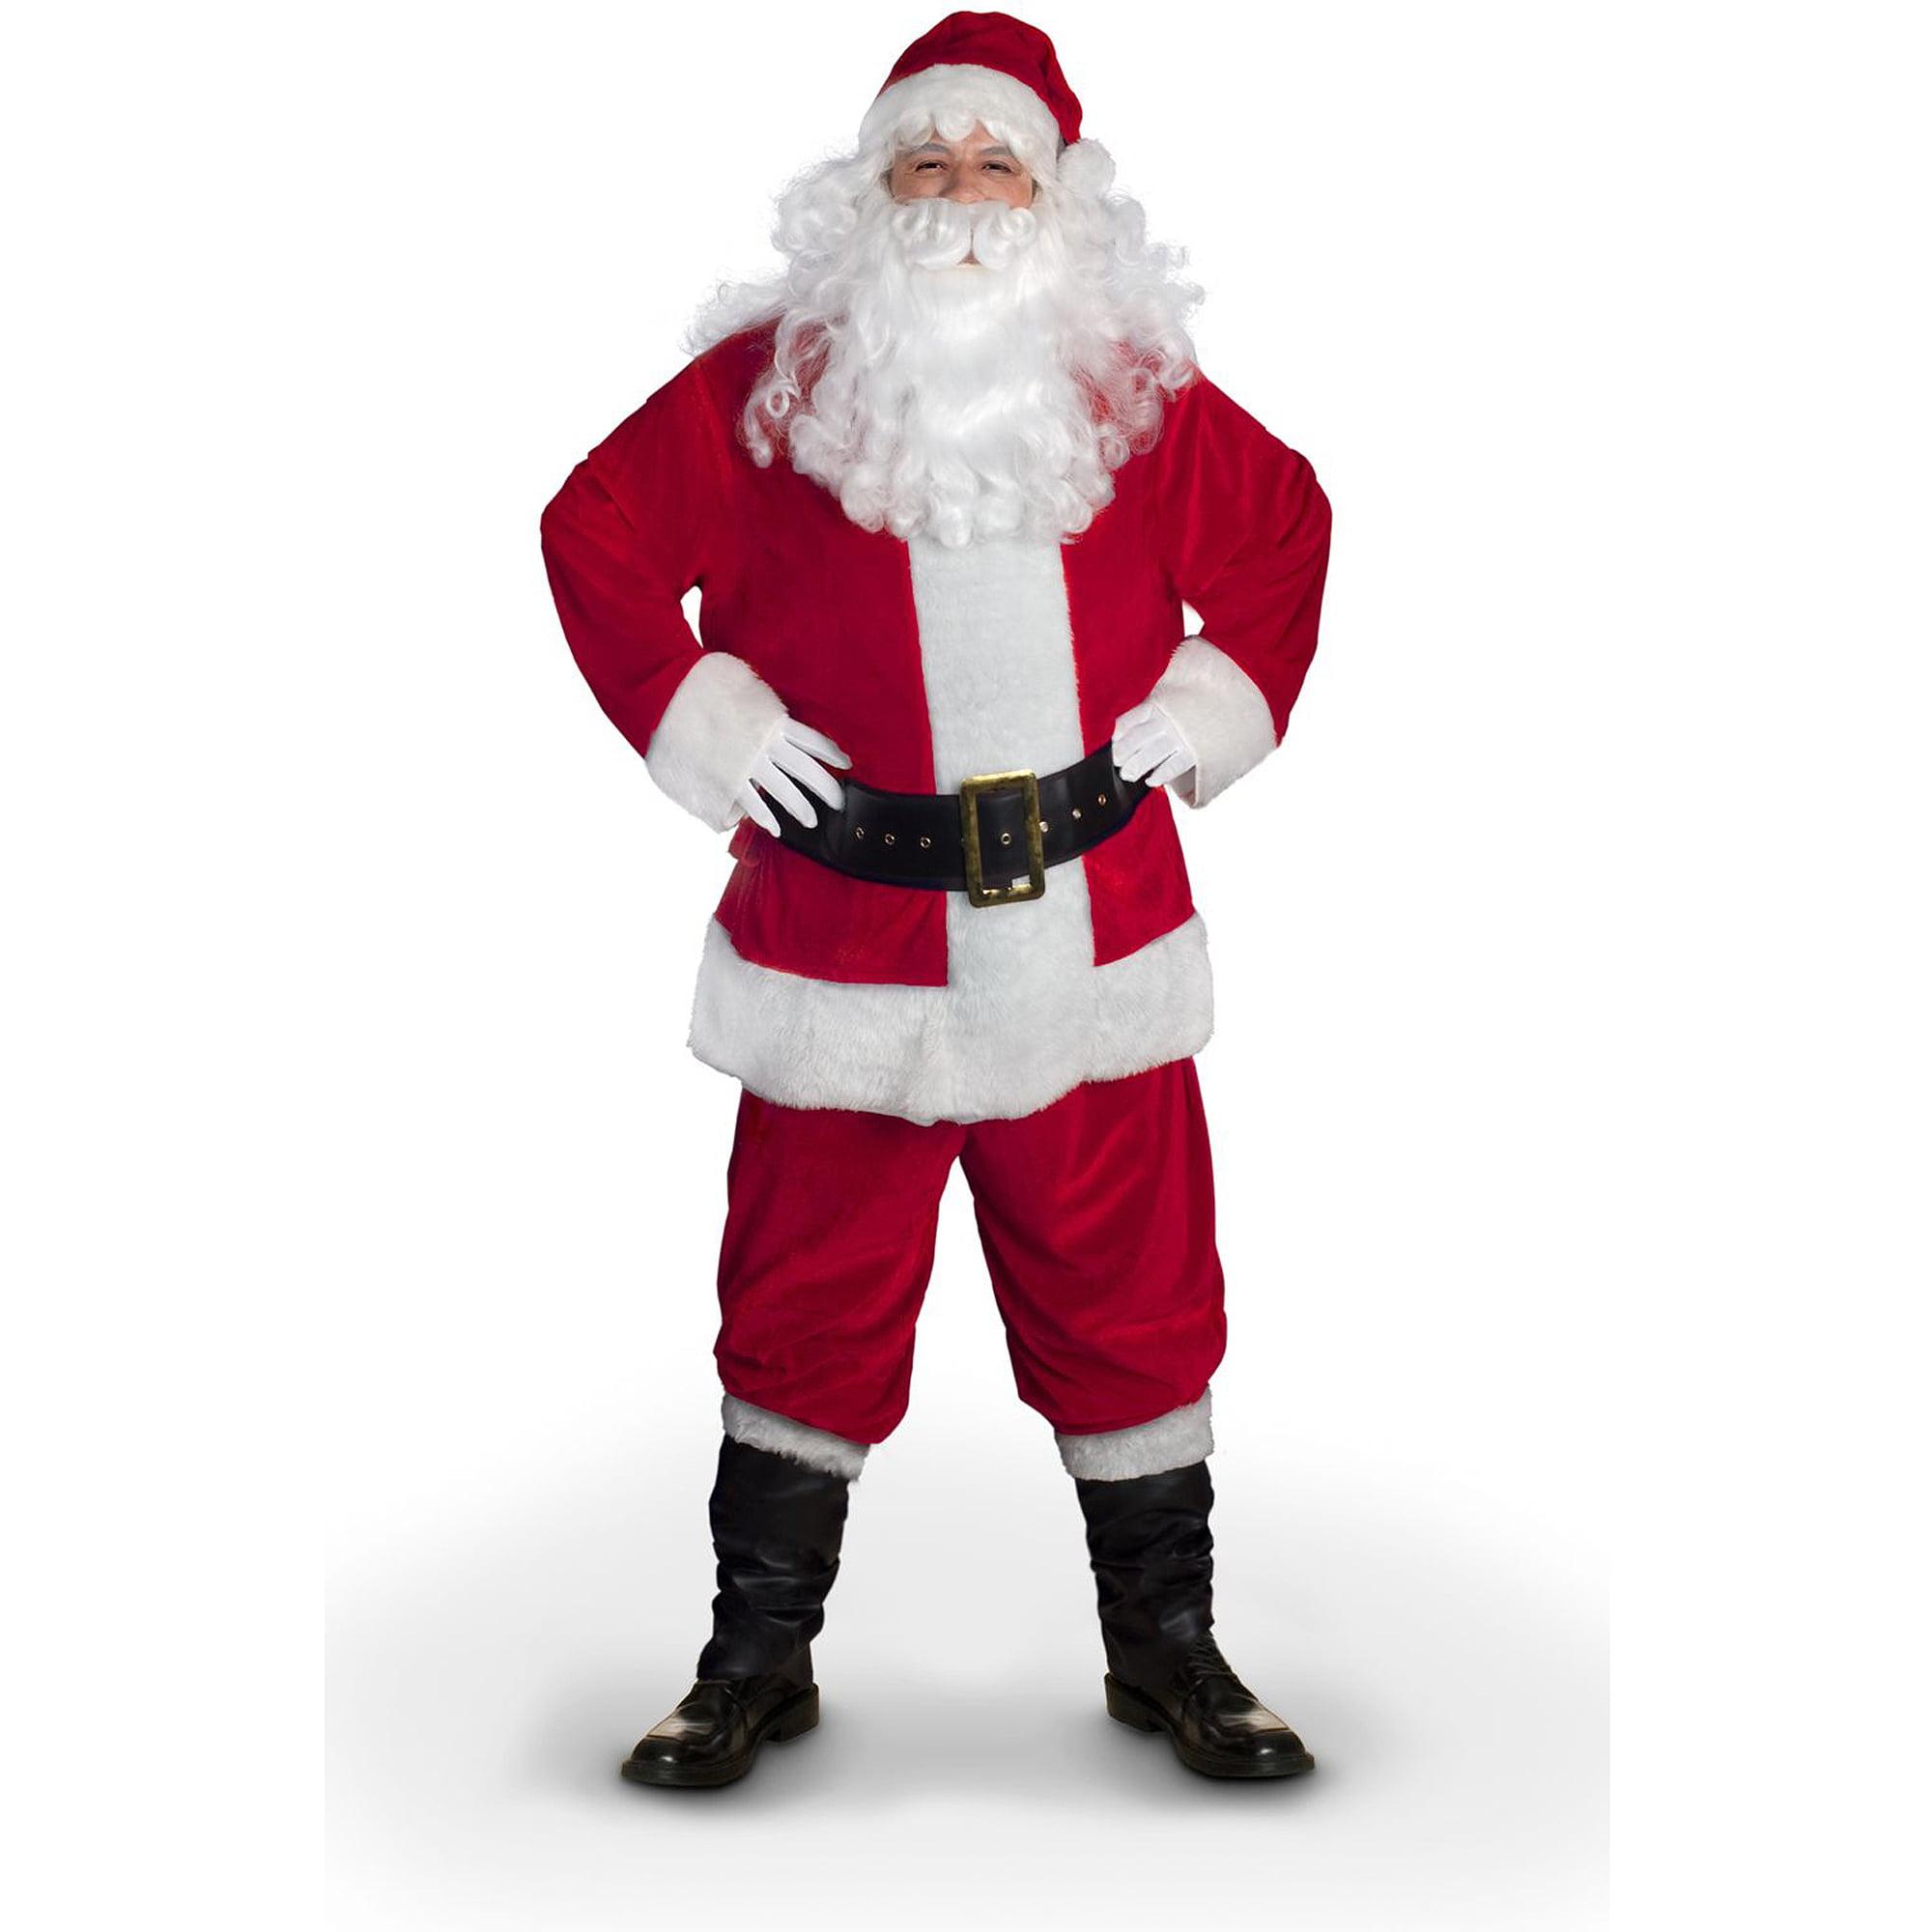 sunnywood value line santa claus costume walmartcom - Santa Claus Coat